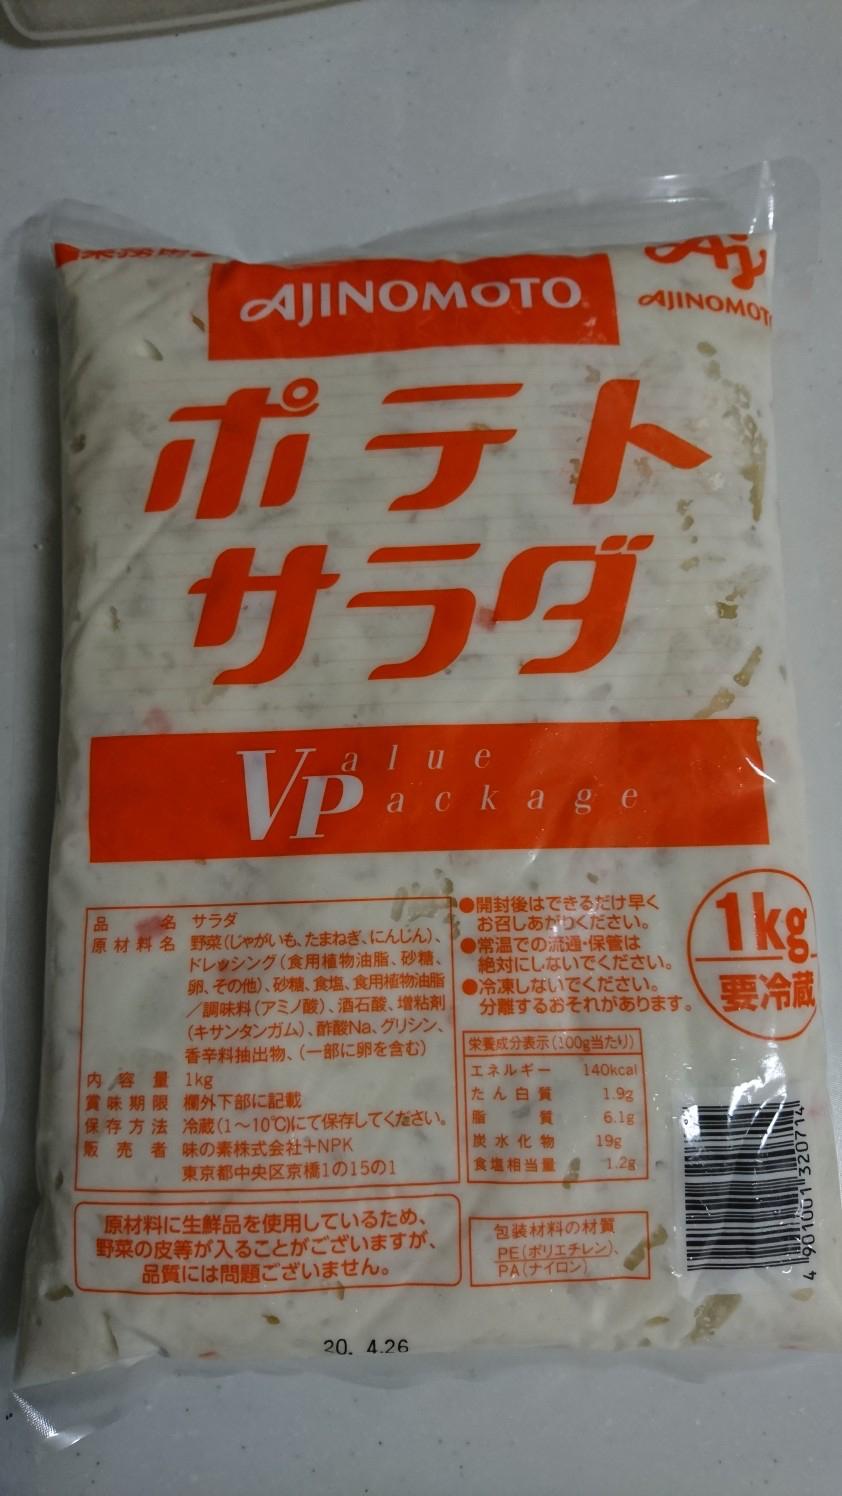 【朗報】ワイ、業務用ポテトサラダ(1kg)を198円で買う!!!!!!!